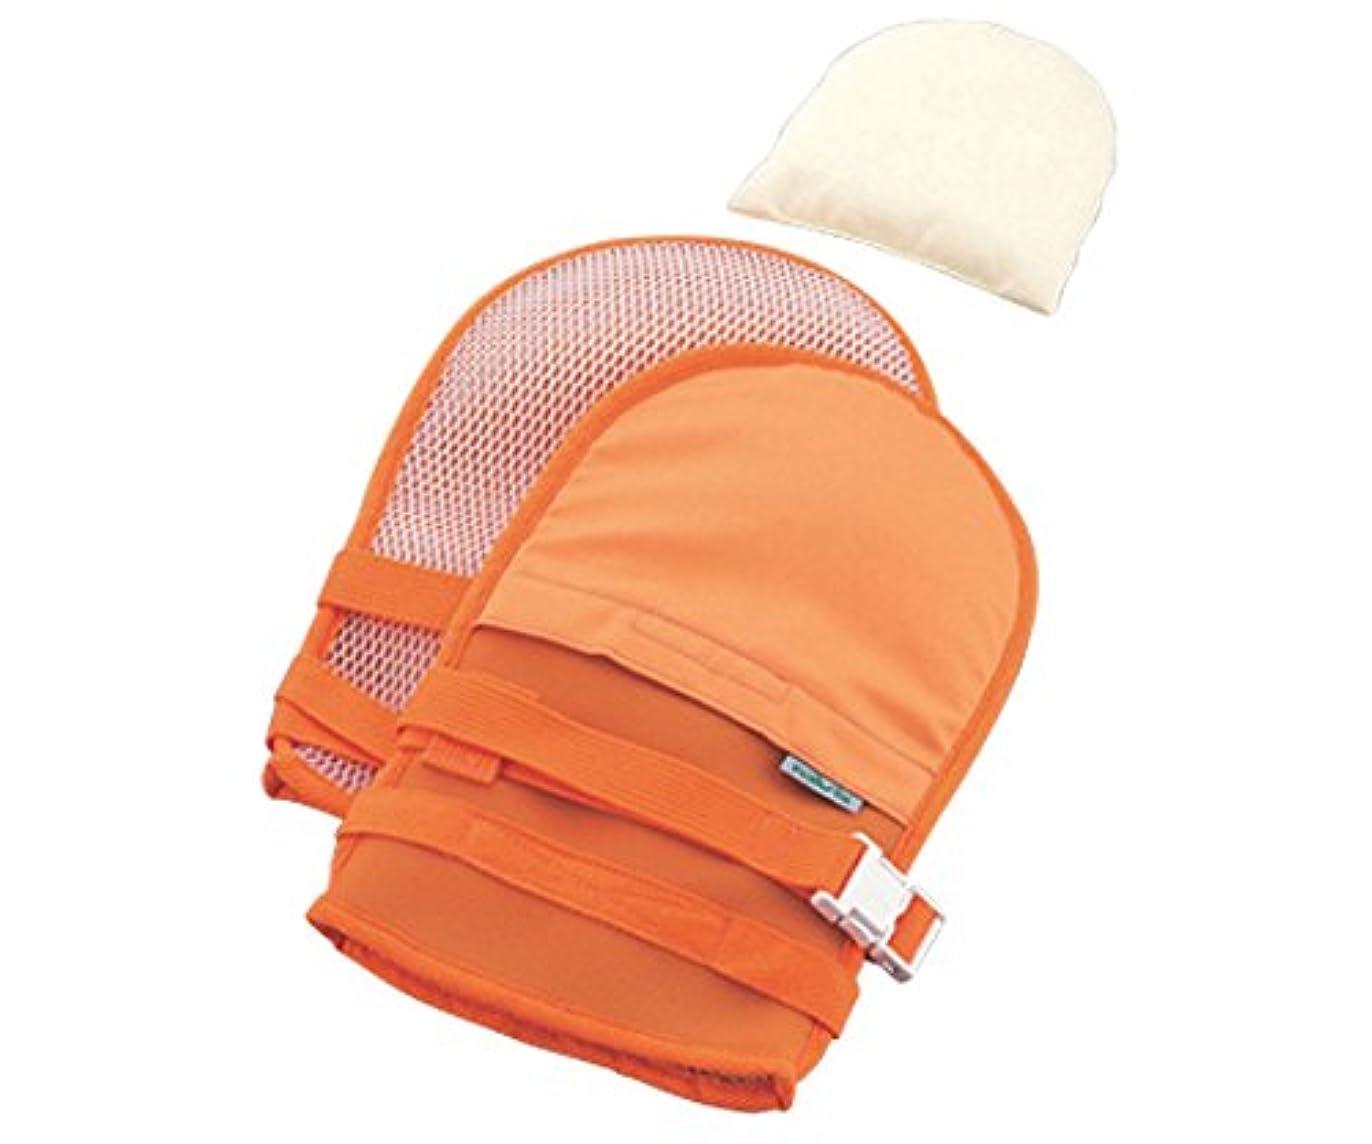 ちょうつがい電極つらい抜管防止手袋 中オレンジ /0-1638-42